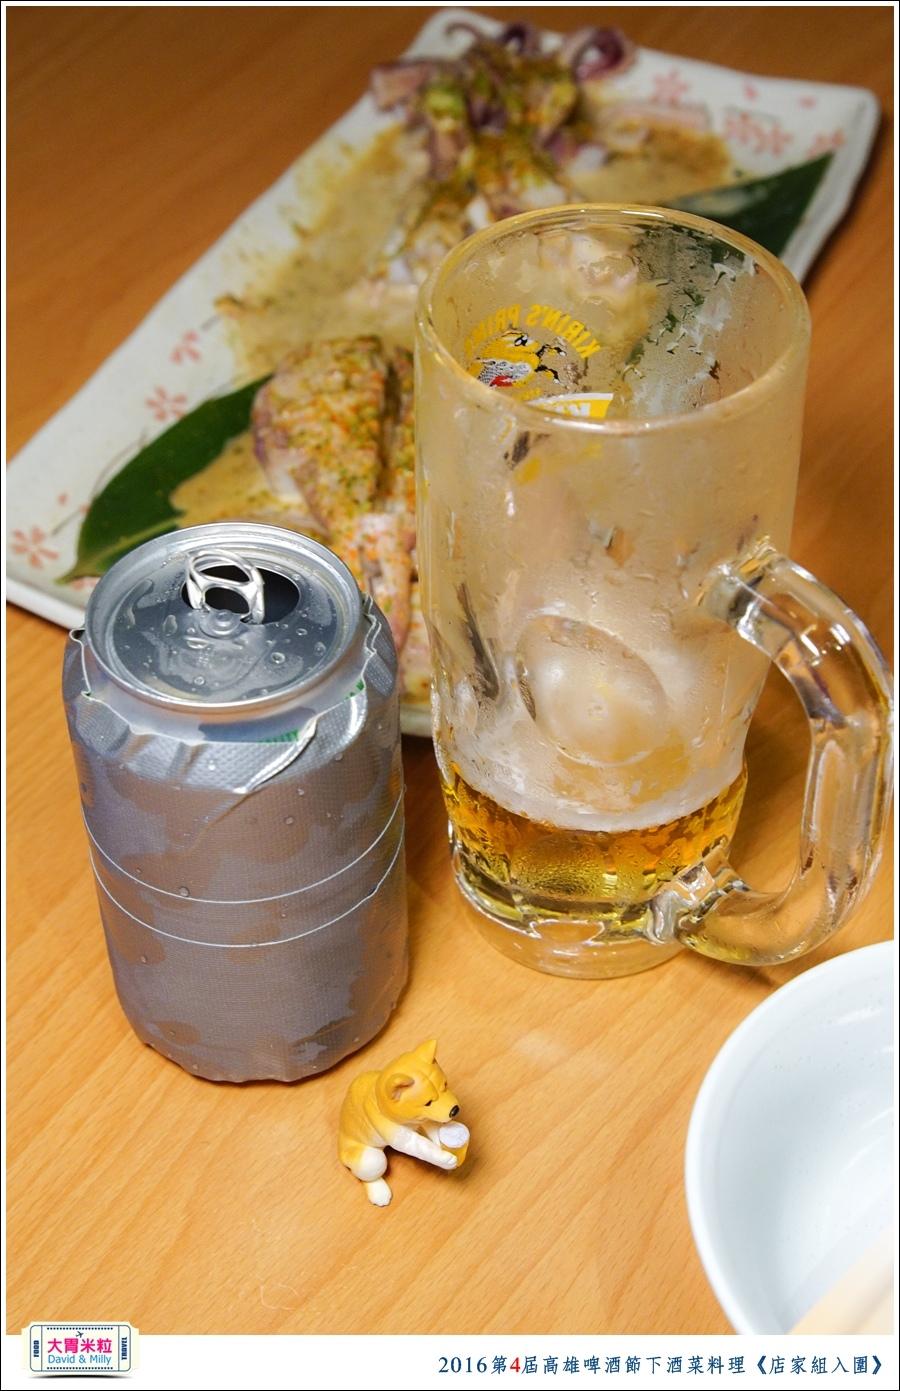 2016第4屆高雄啤酒節下酒菜料理競賽1@大胃米粒0061.jpg